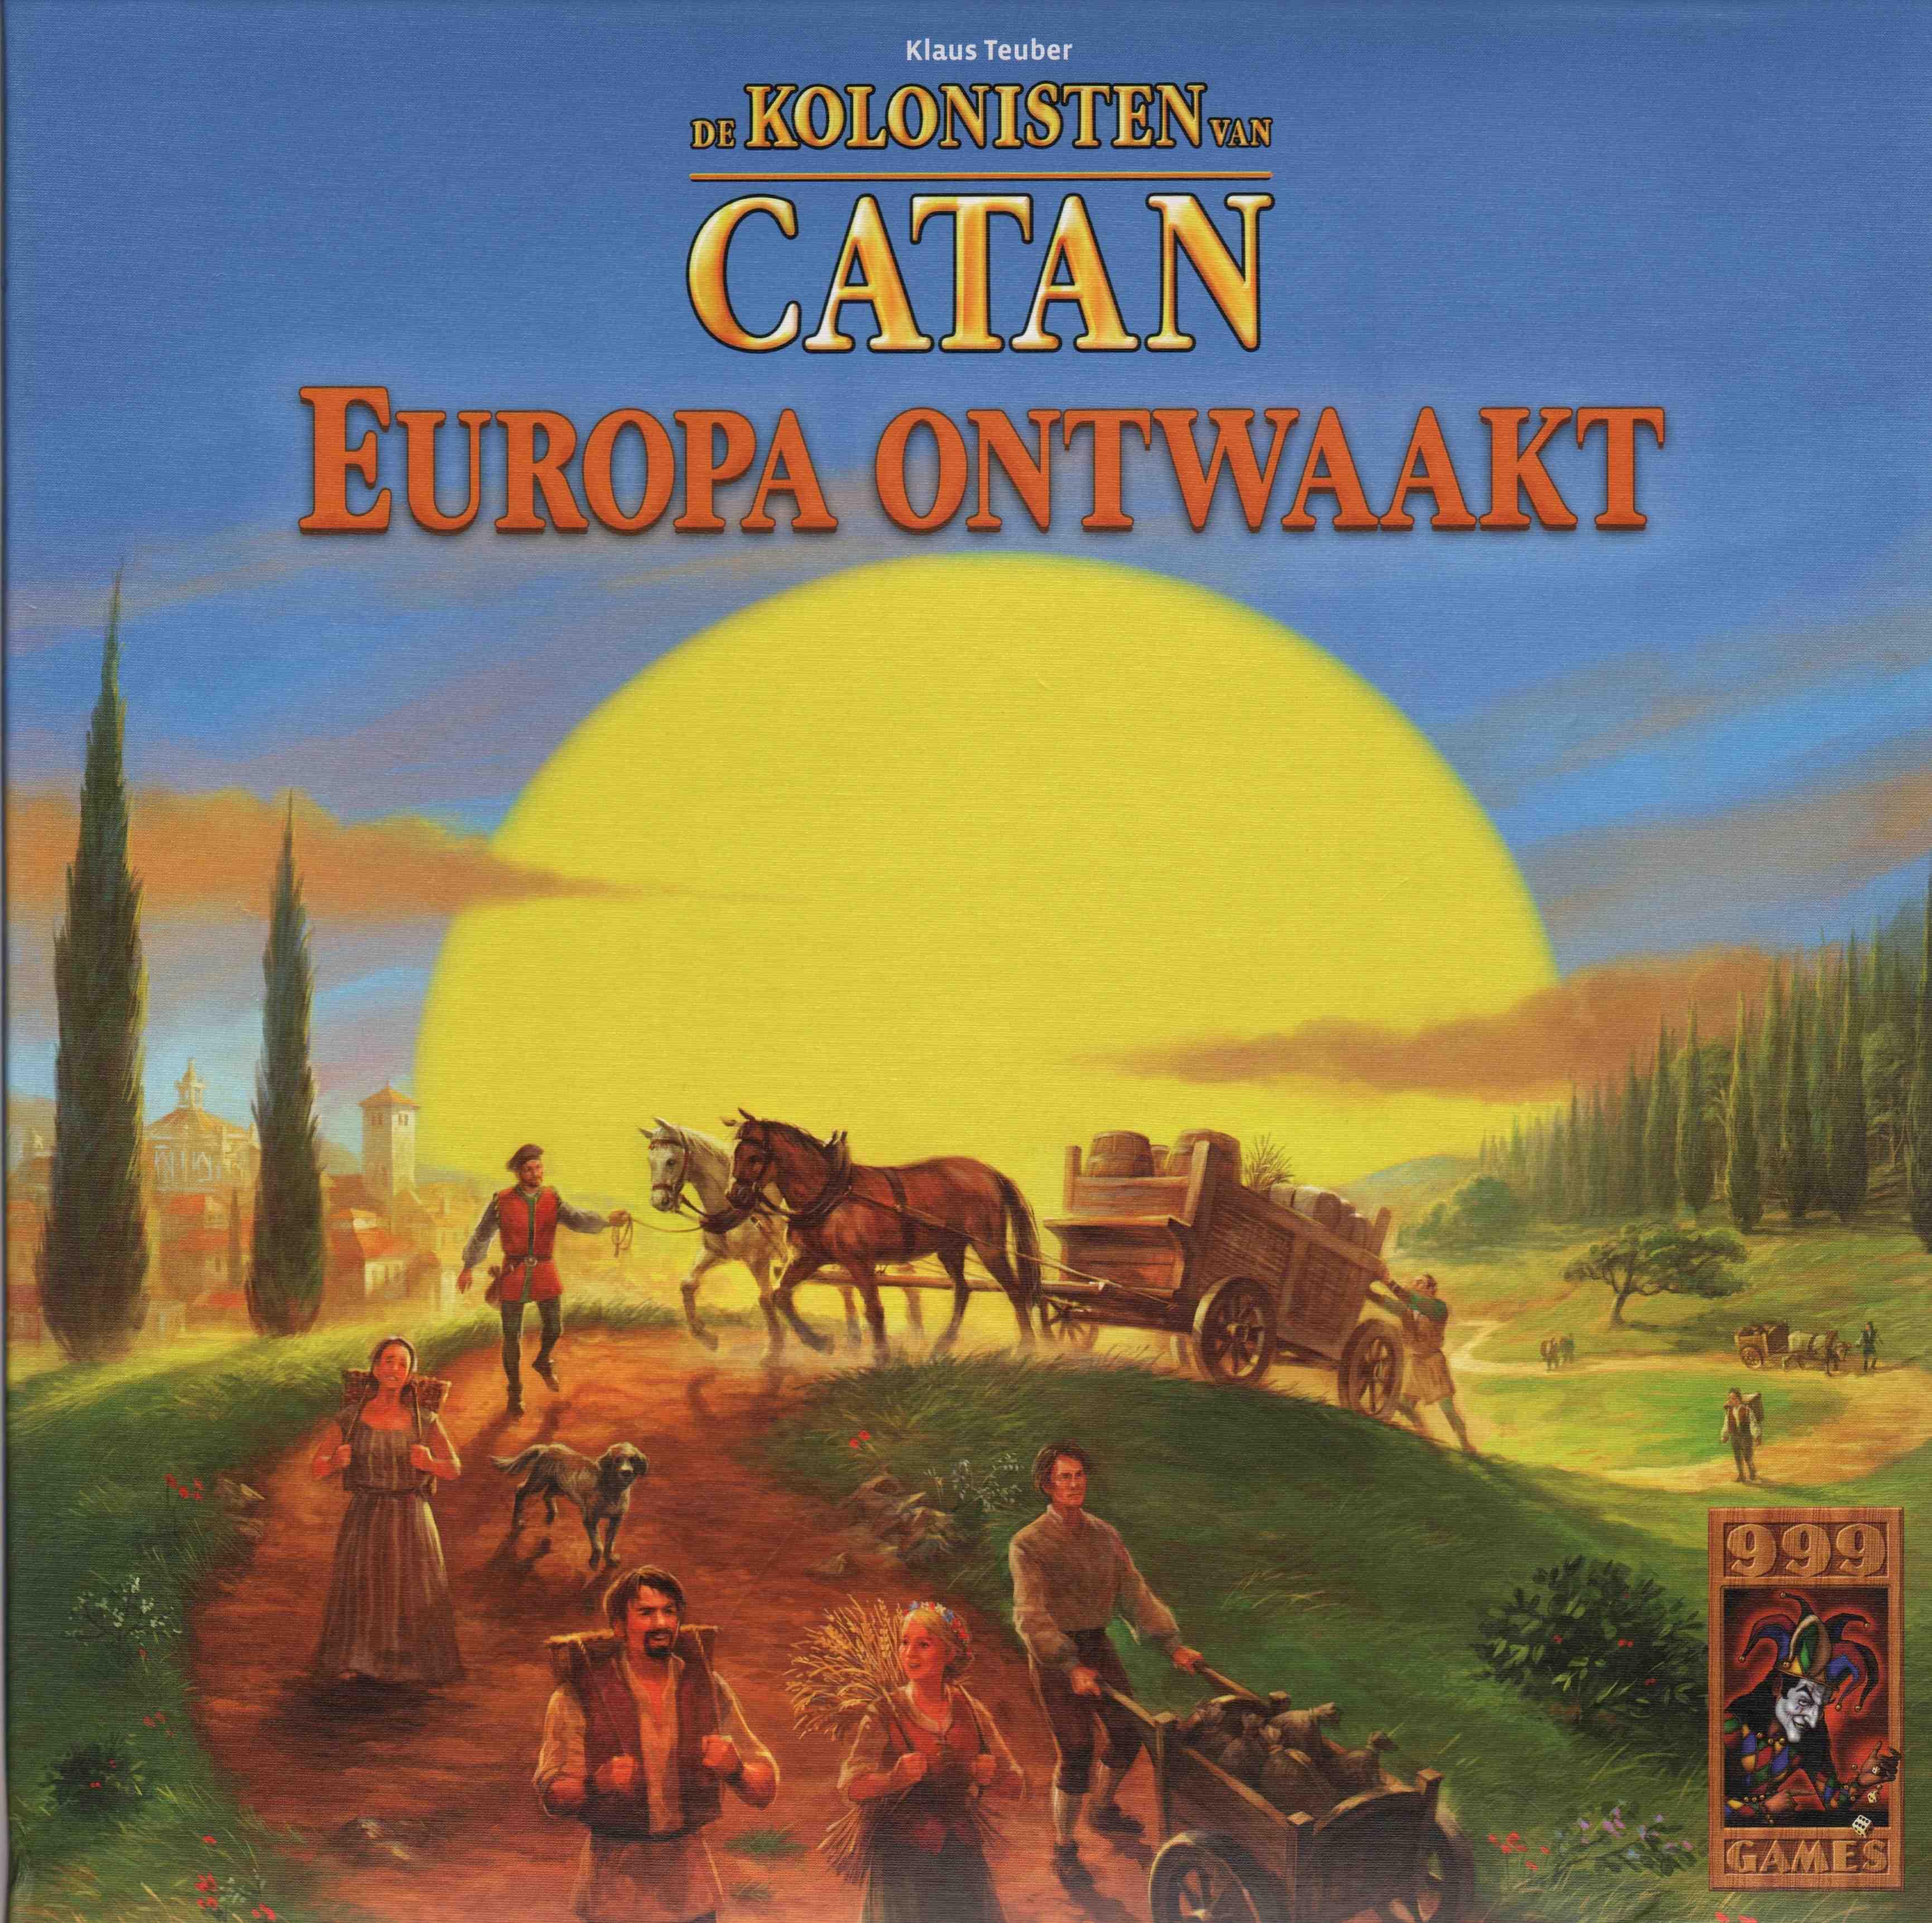 De Kolonisten van Catan: Europa Ontwaakt